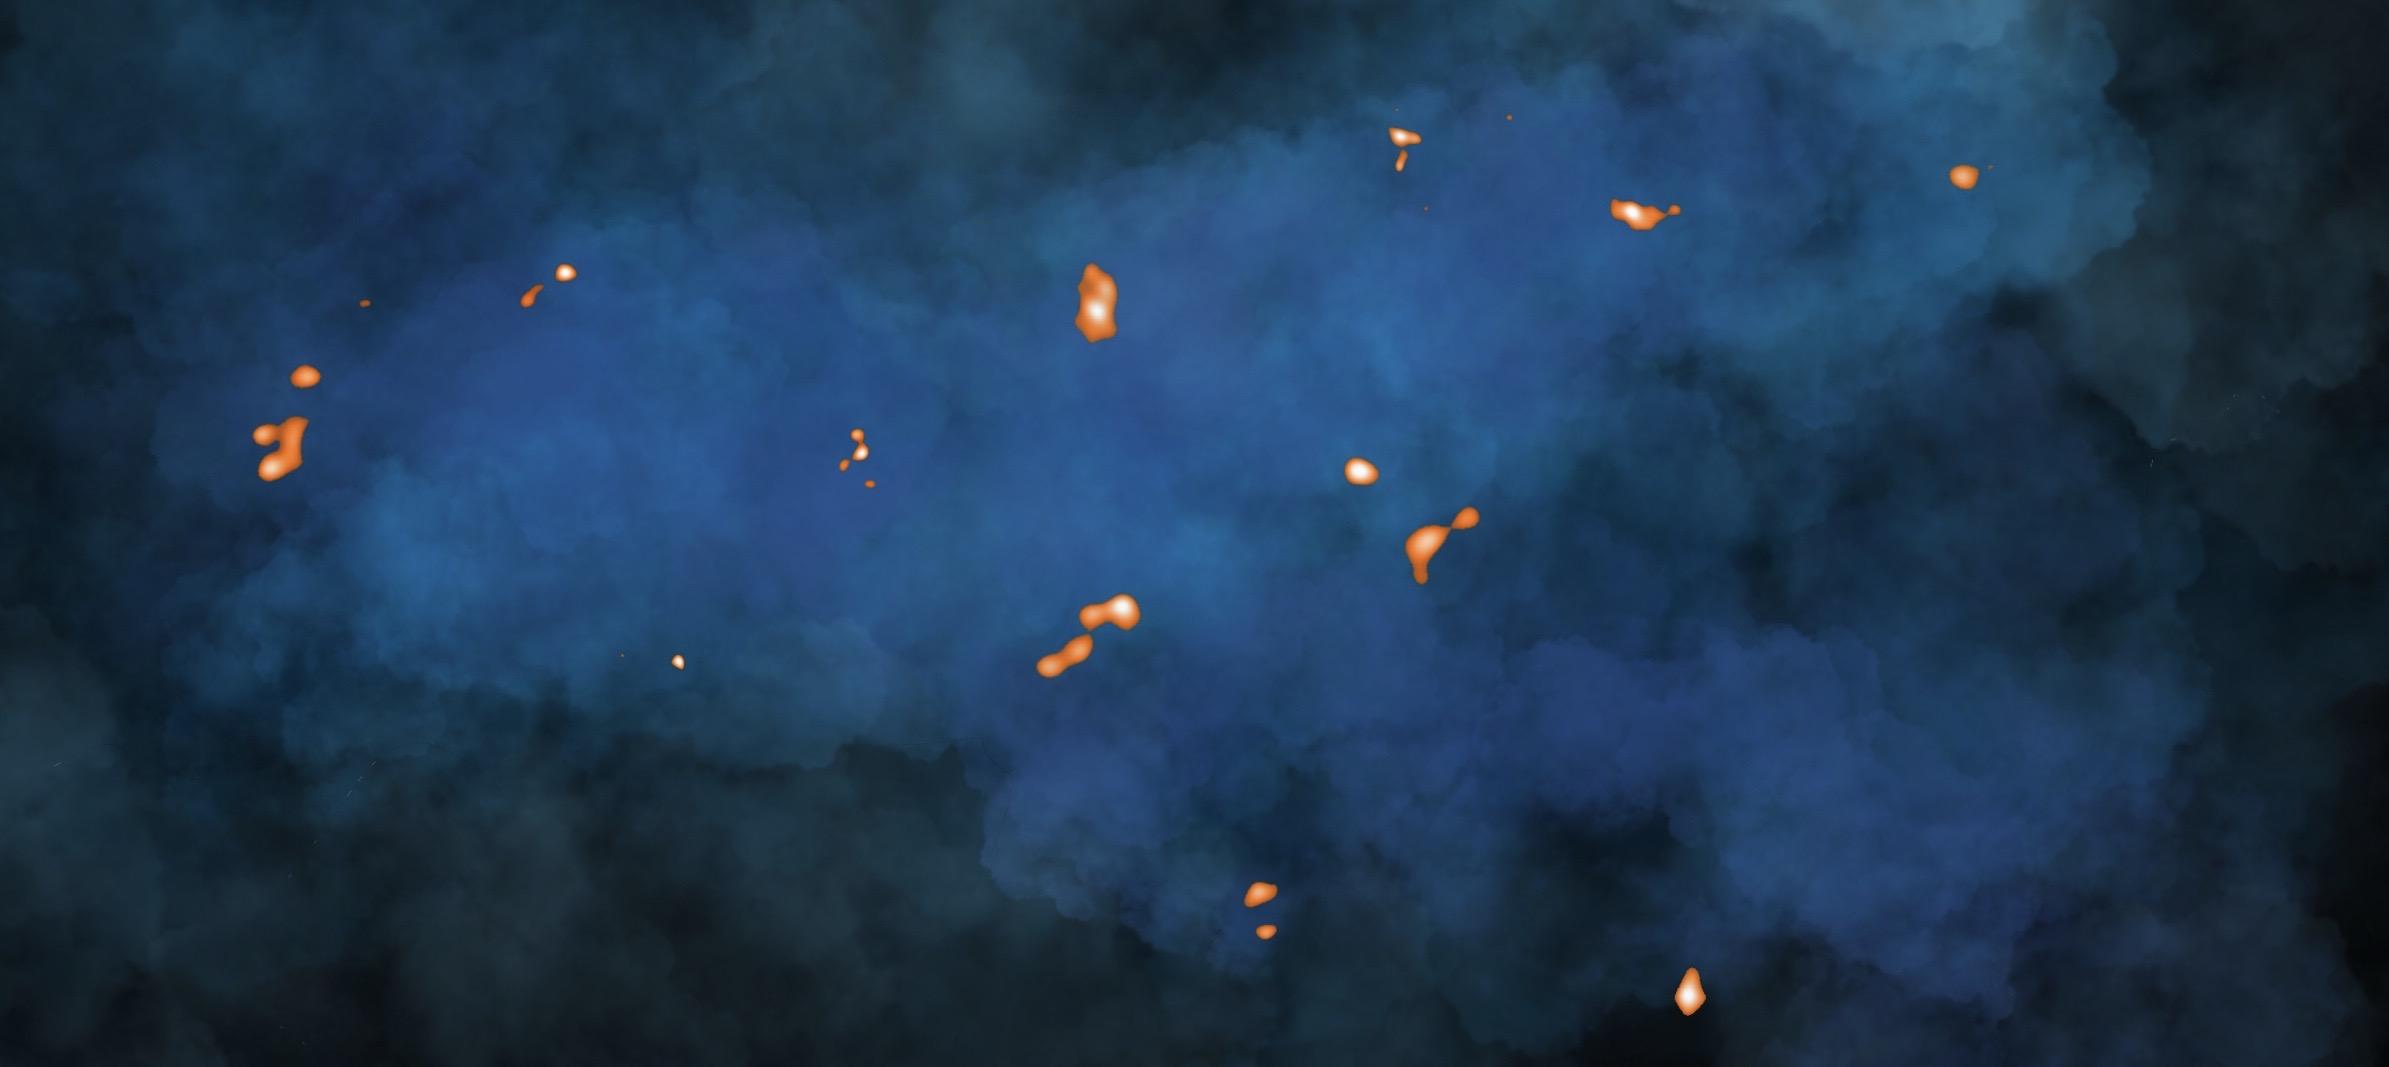 Representación artística de una nube de gas con núcleos calientes observados por ALMA. Crédito: N. Lira - ALMA (NRAO/NAOJ/ESO)